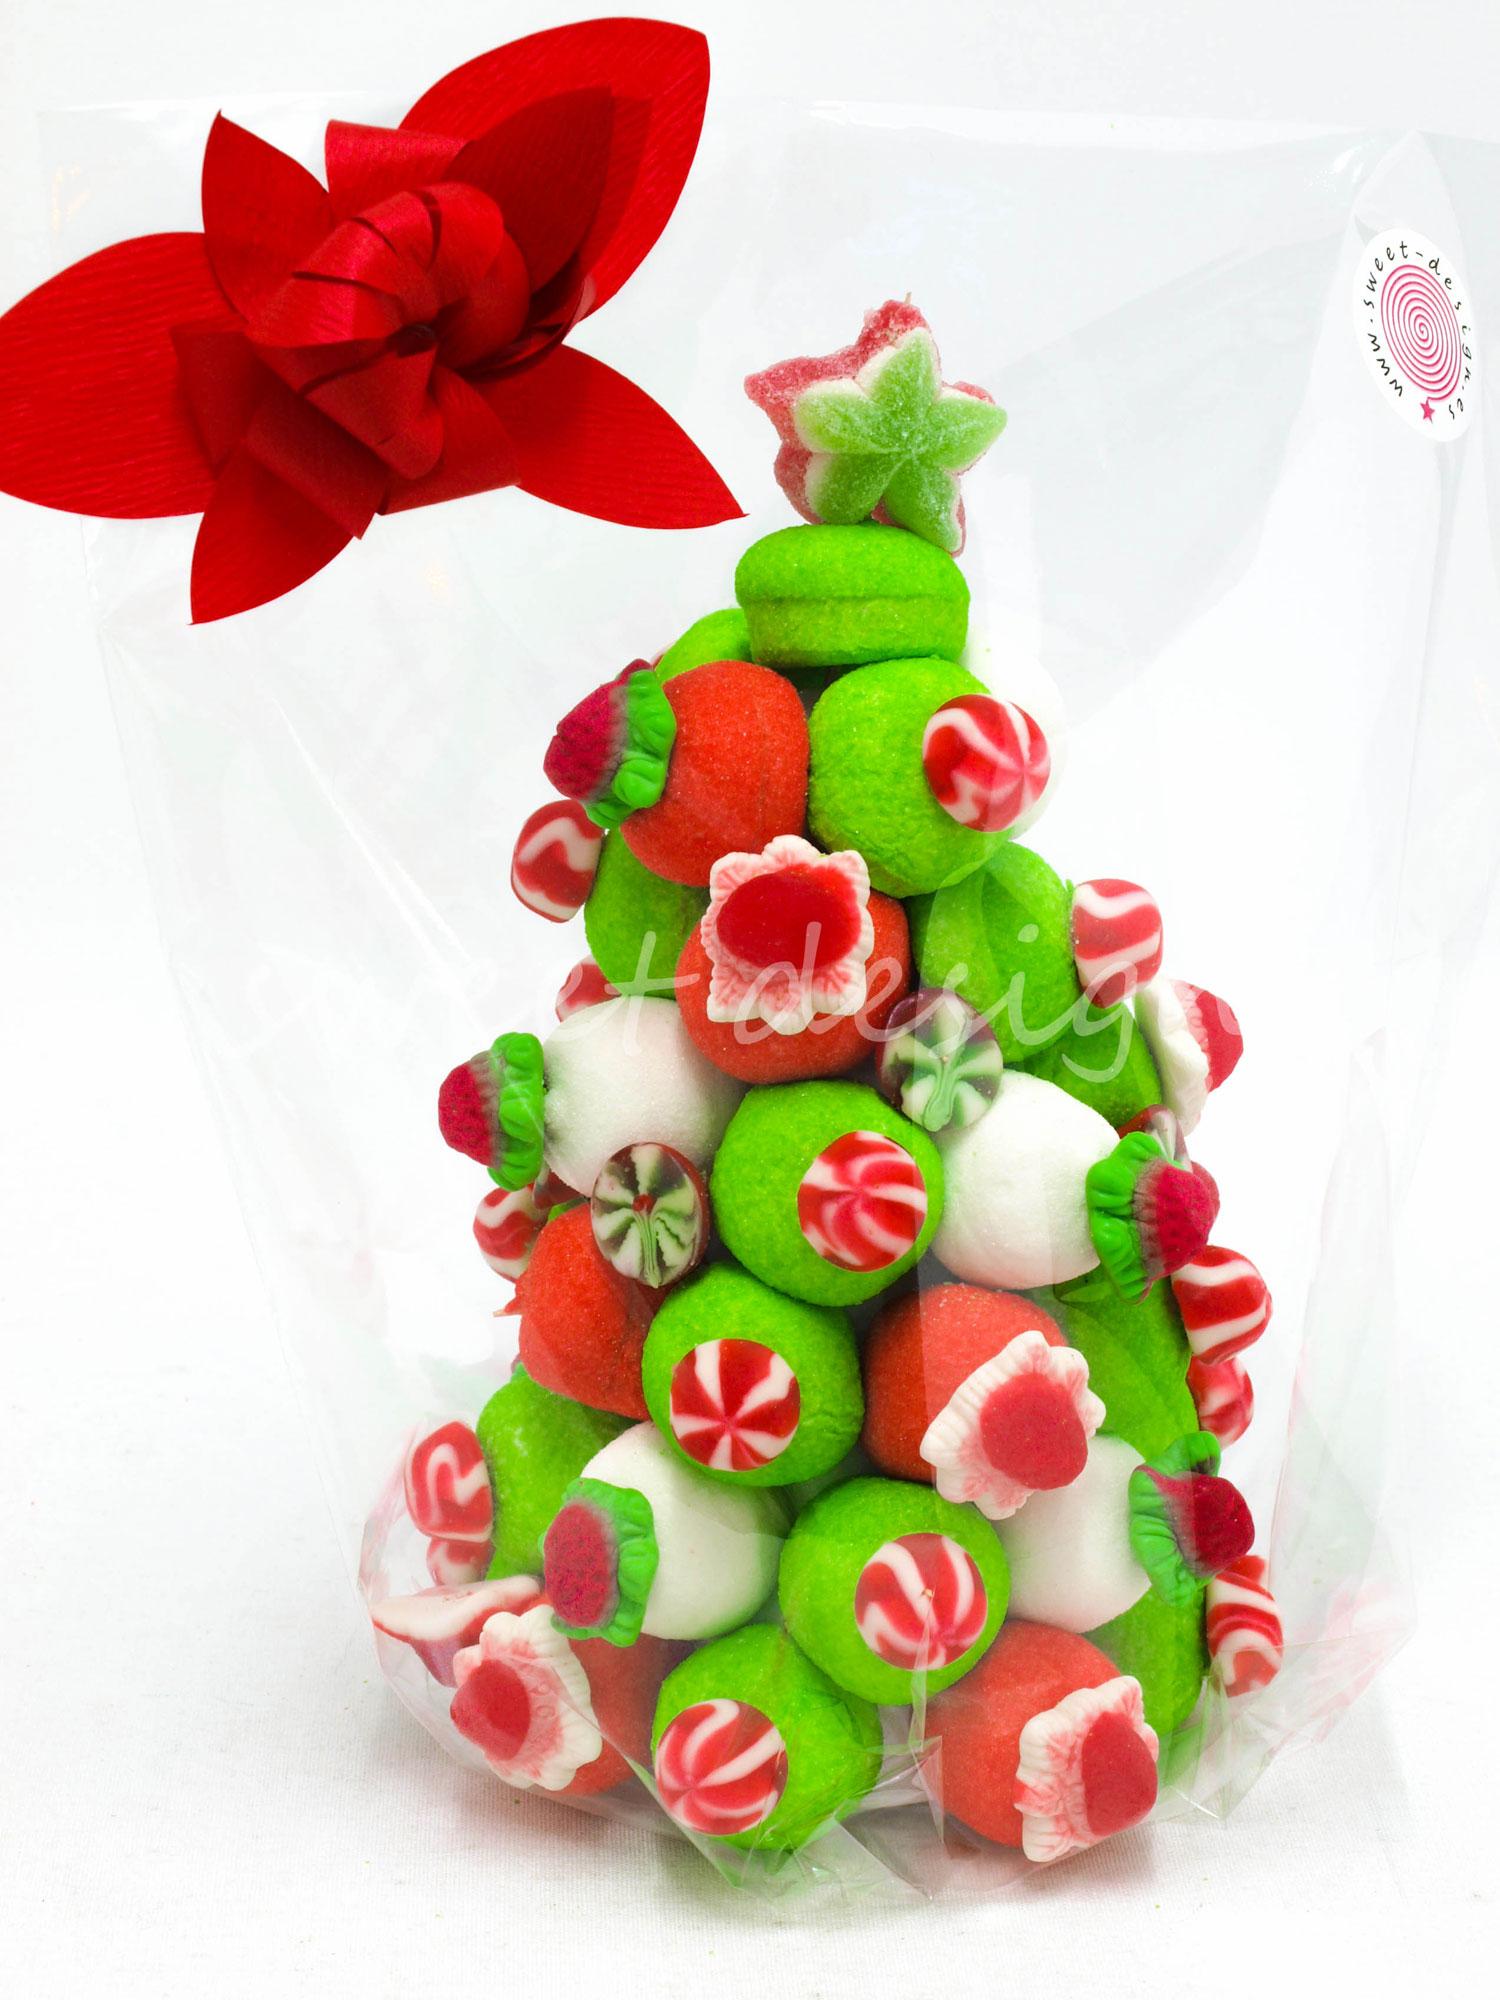 Arbol de navidad sweet design - Centros de navidad originales ...